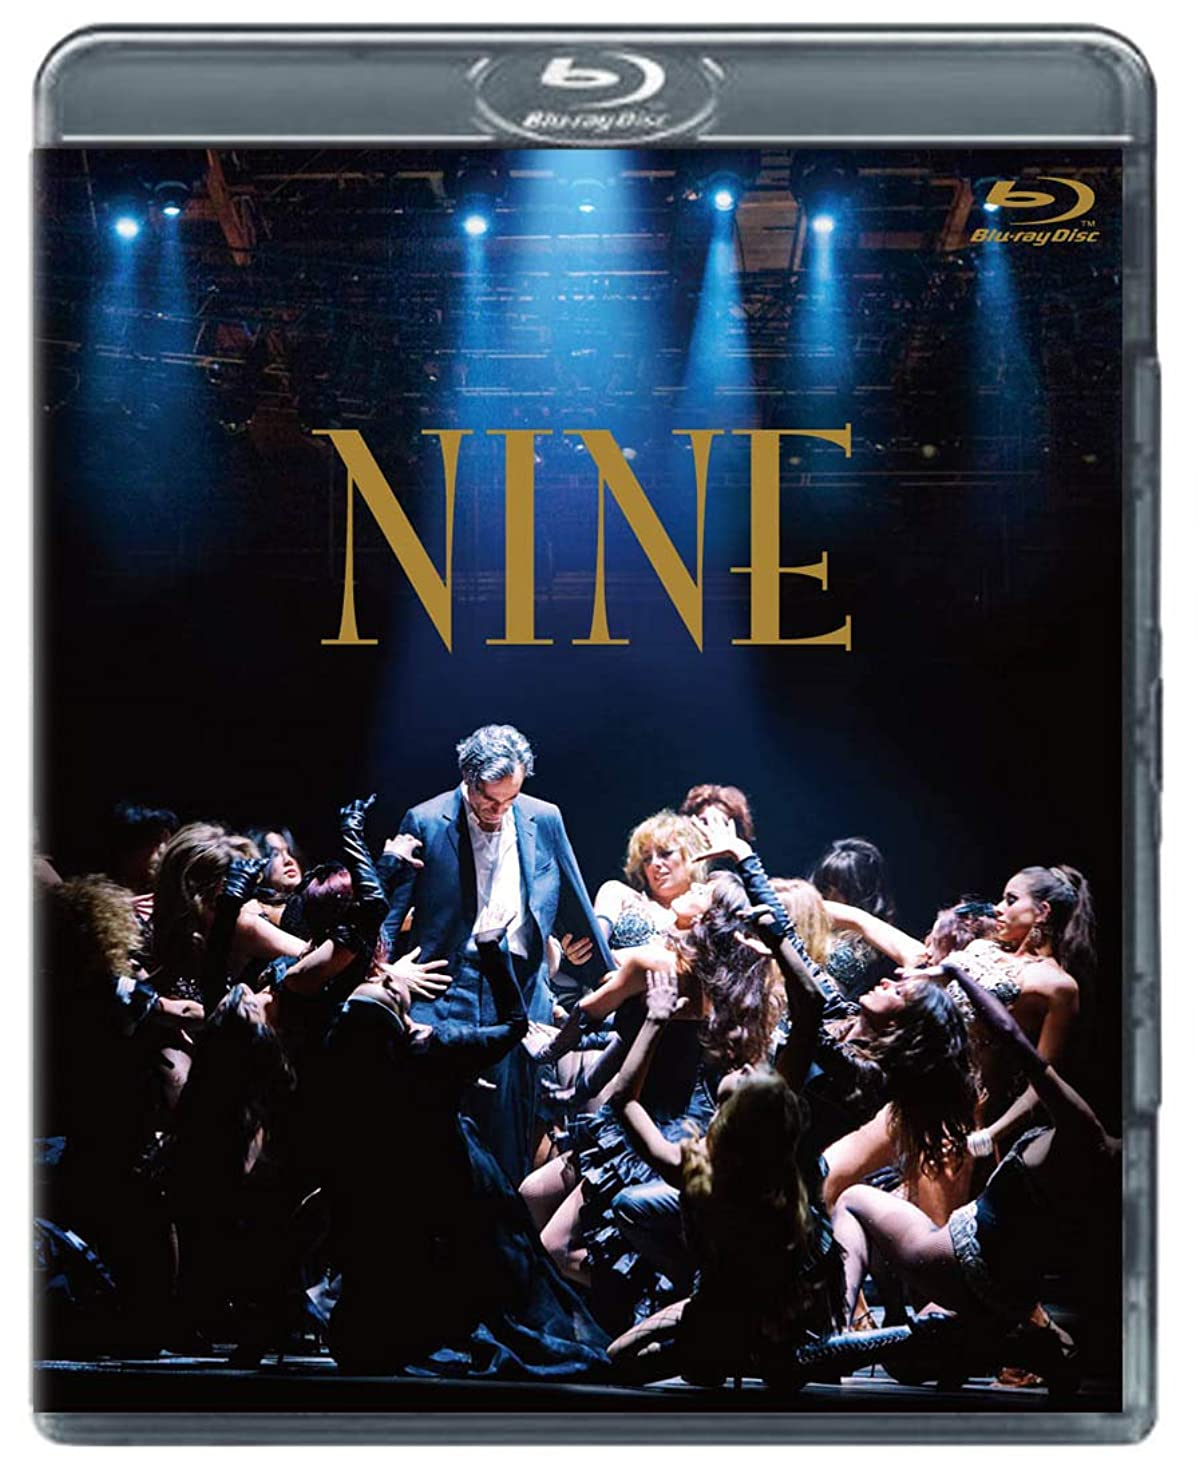 自宅で見かけ上永久にNINE [AmazonDVDコレクション] [Blu-ray]